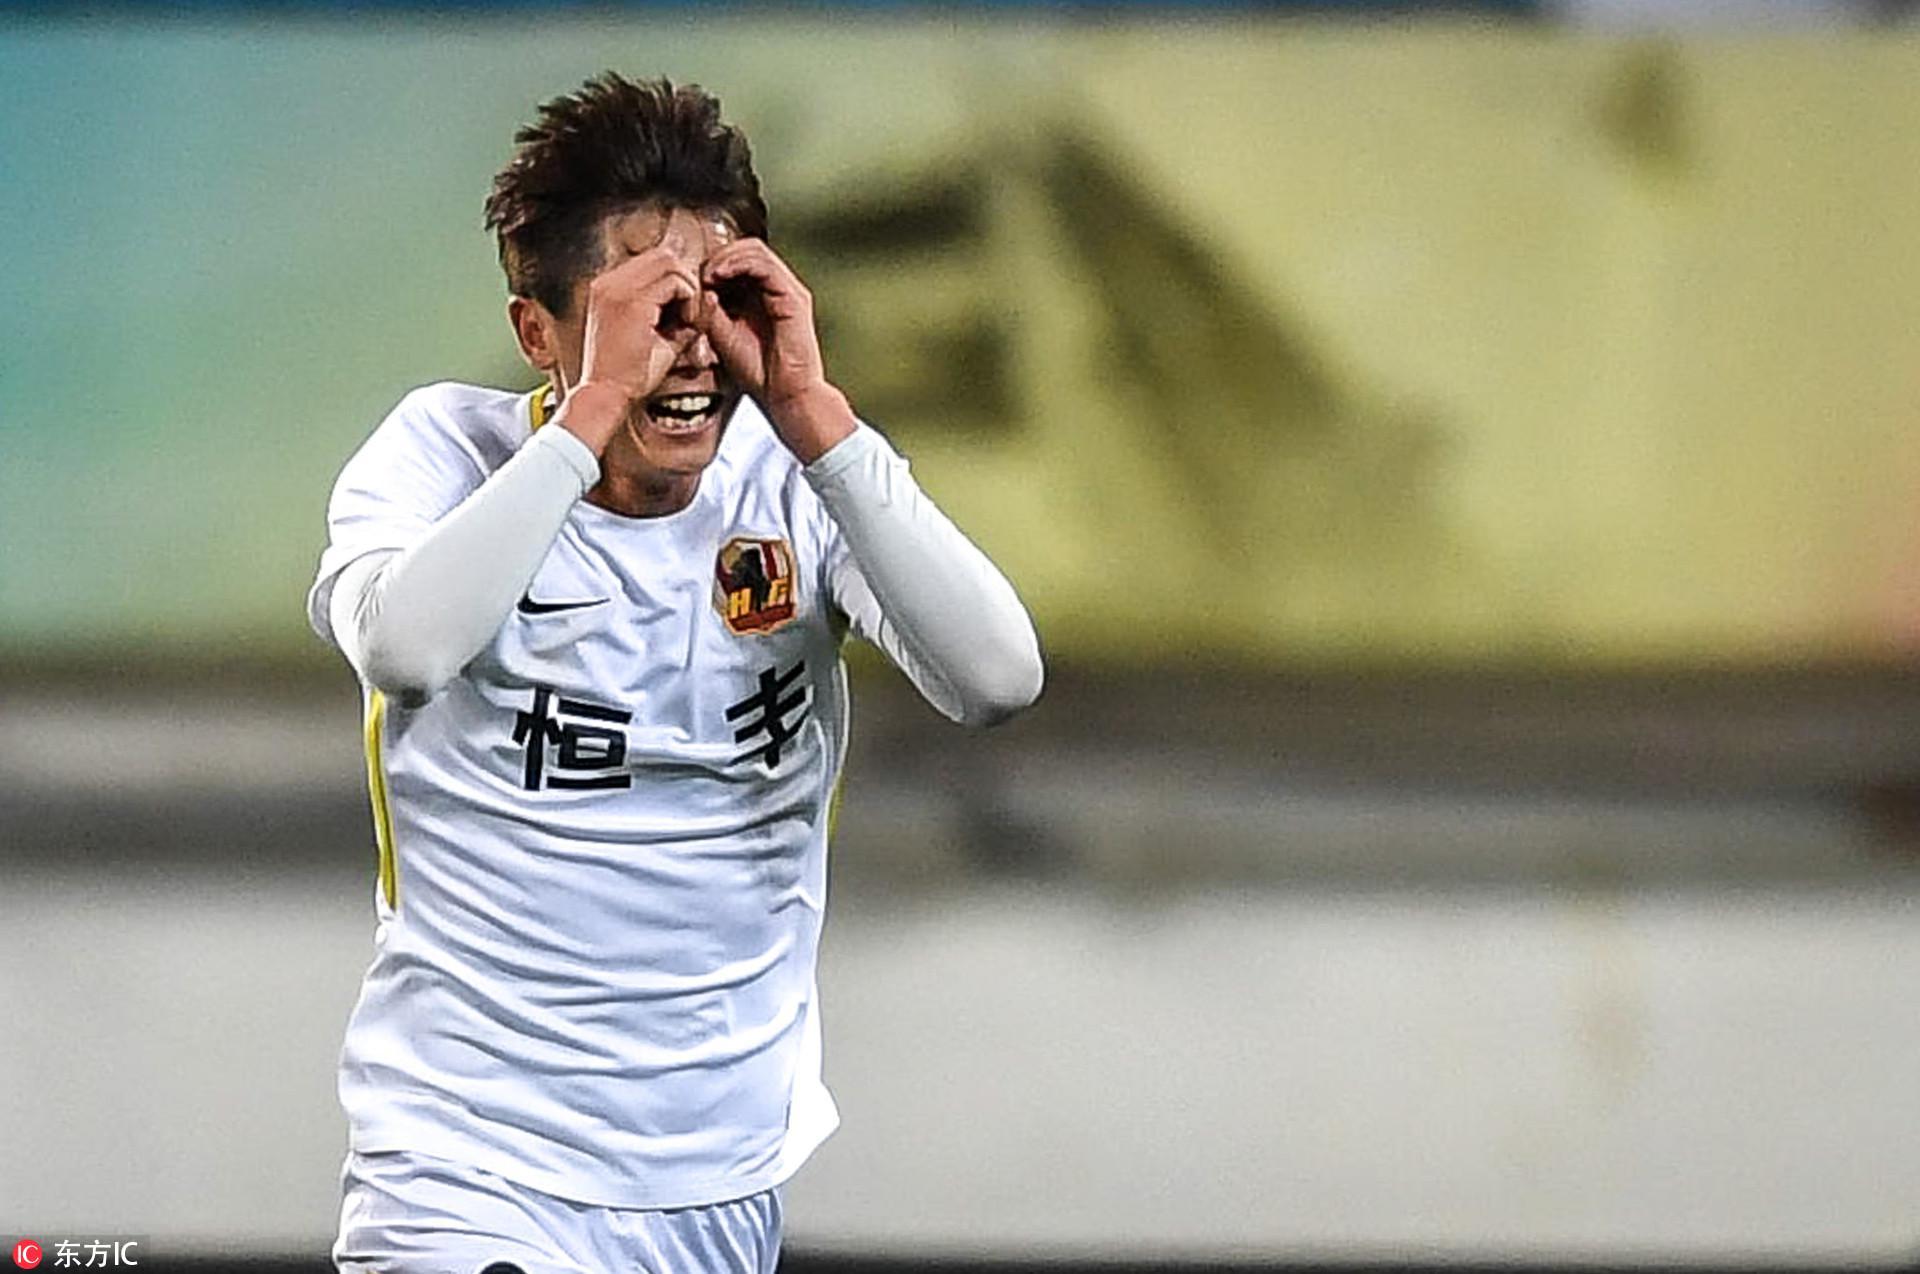 贵州恒丰的降级并不是意外 文筱婷和球迷都清楚